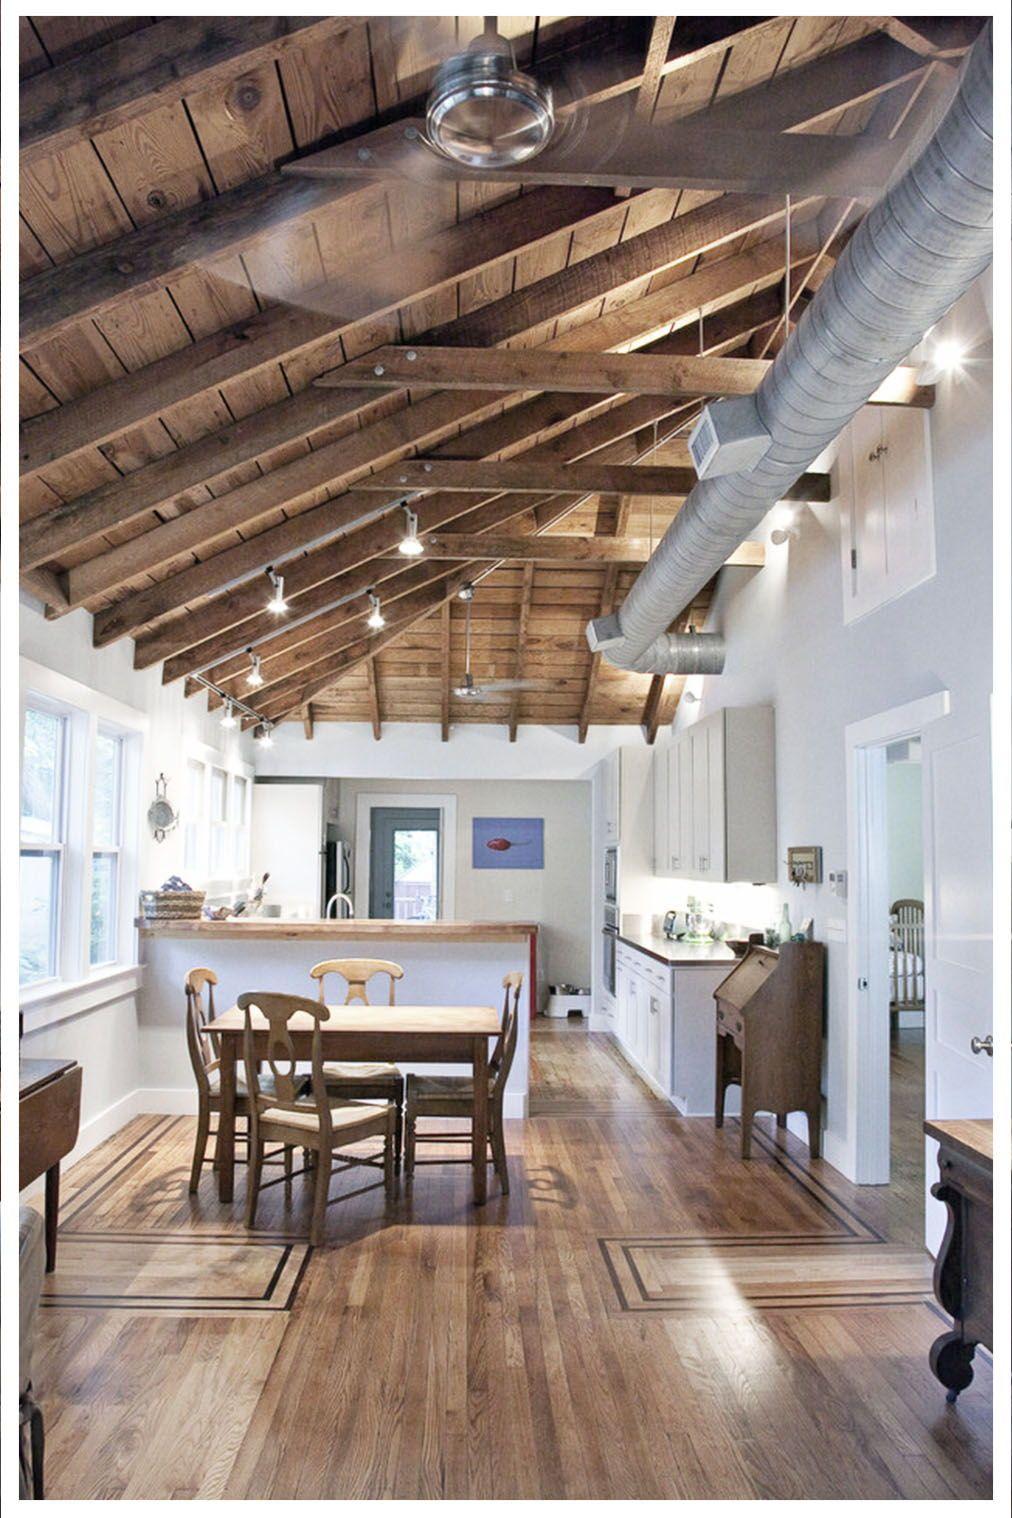 Kitchen Ceiling Ideas In 2020 20 Photos Galleries Cathedral Ceiling Living Room Vaulted Ceiling Living Room Kitchen Ceiling